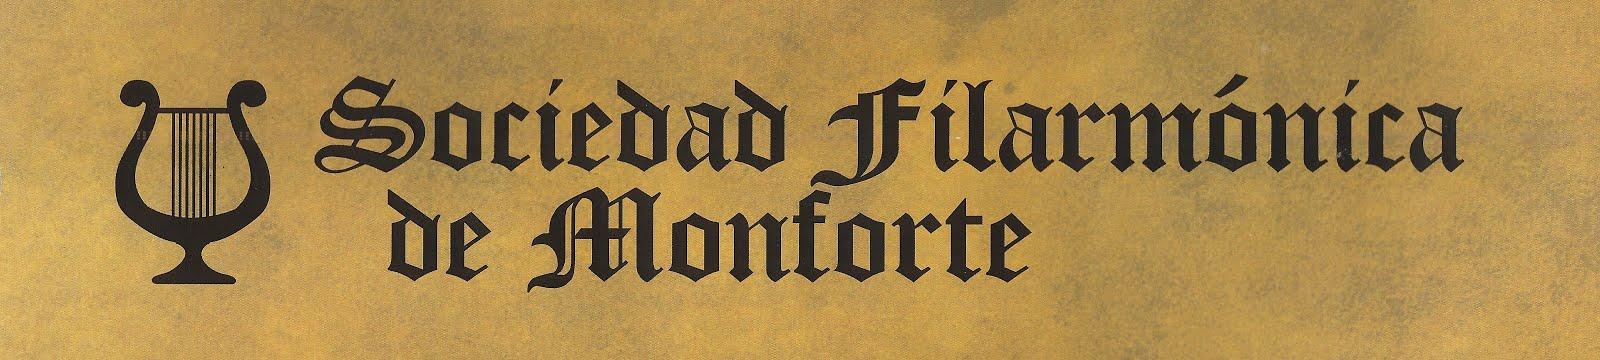 Sociedad Filarmónica de Monforte de Lemos